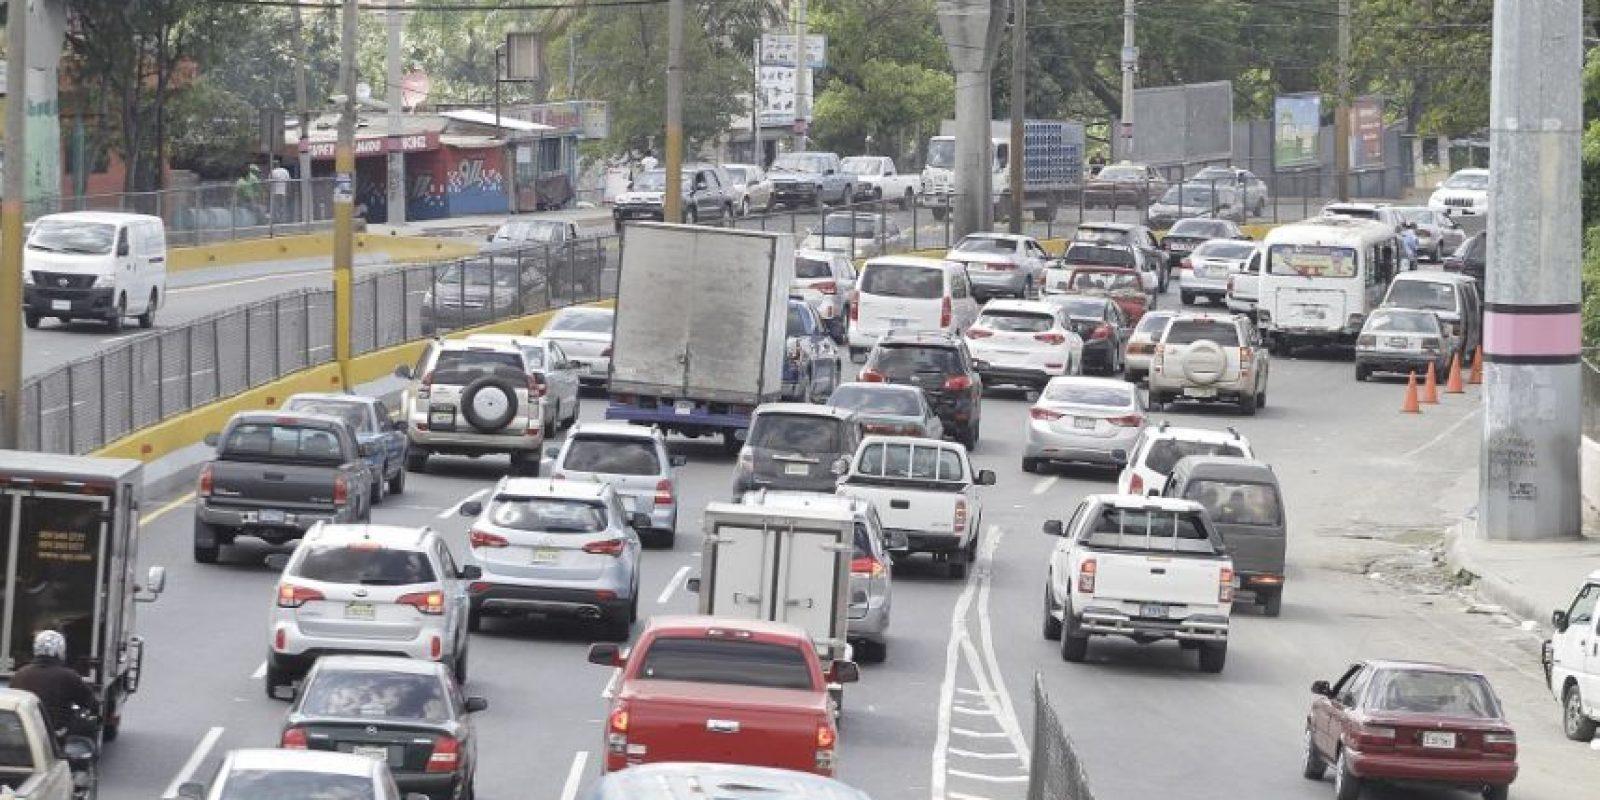 La concentración de la población y de los vehículos en el Gran Santo Domingo genera un gran problema de circulación. Foto:Roberto Guzmán